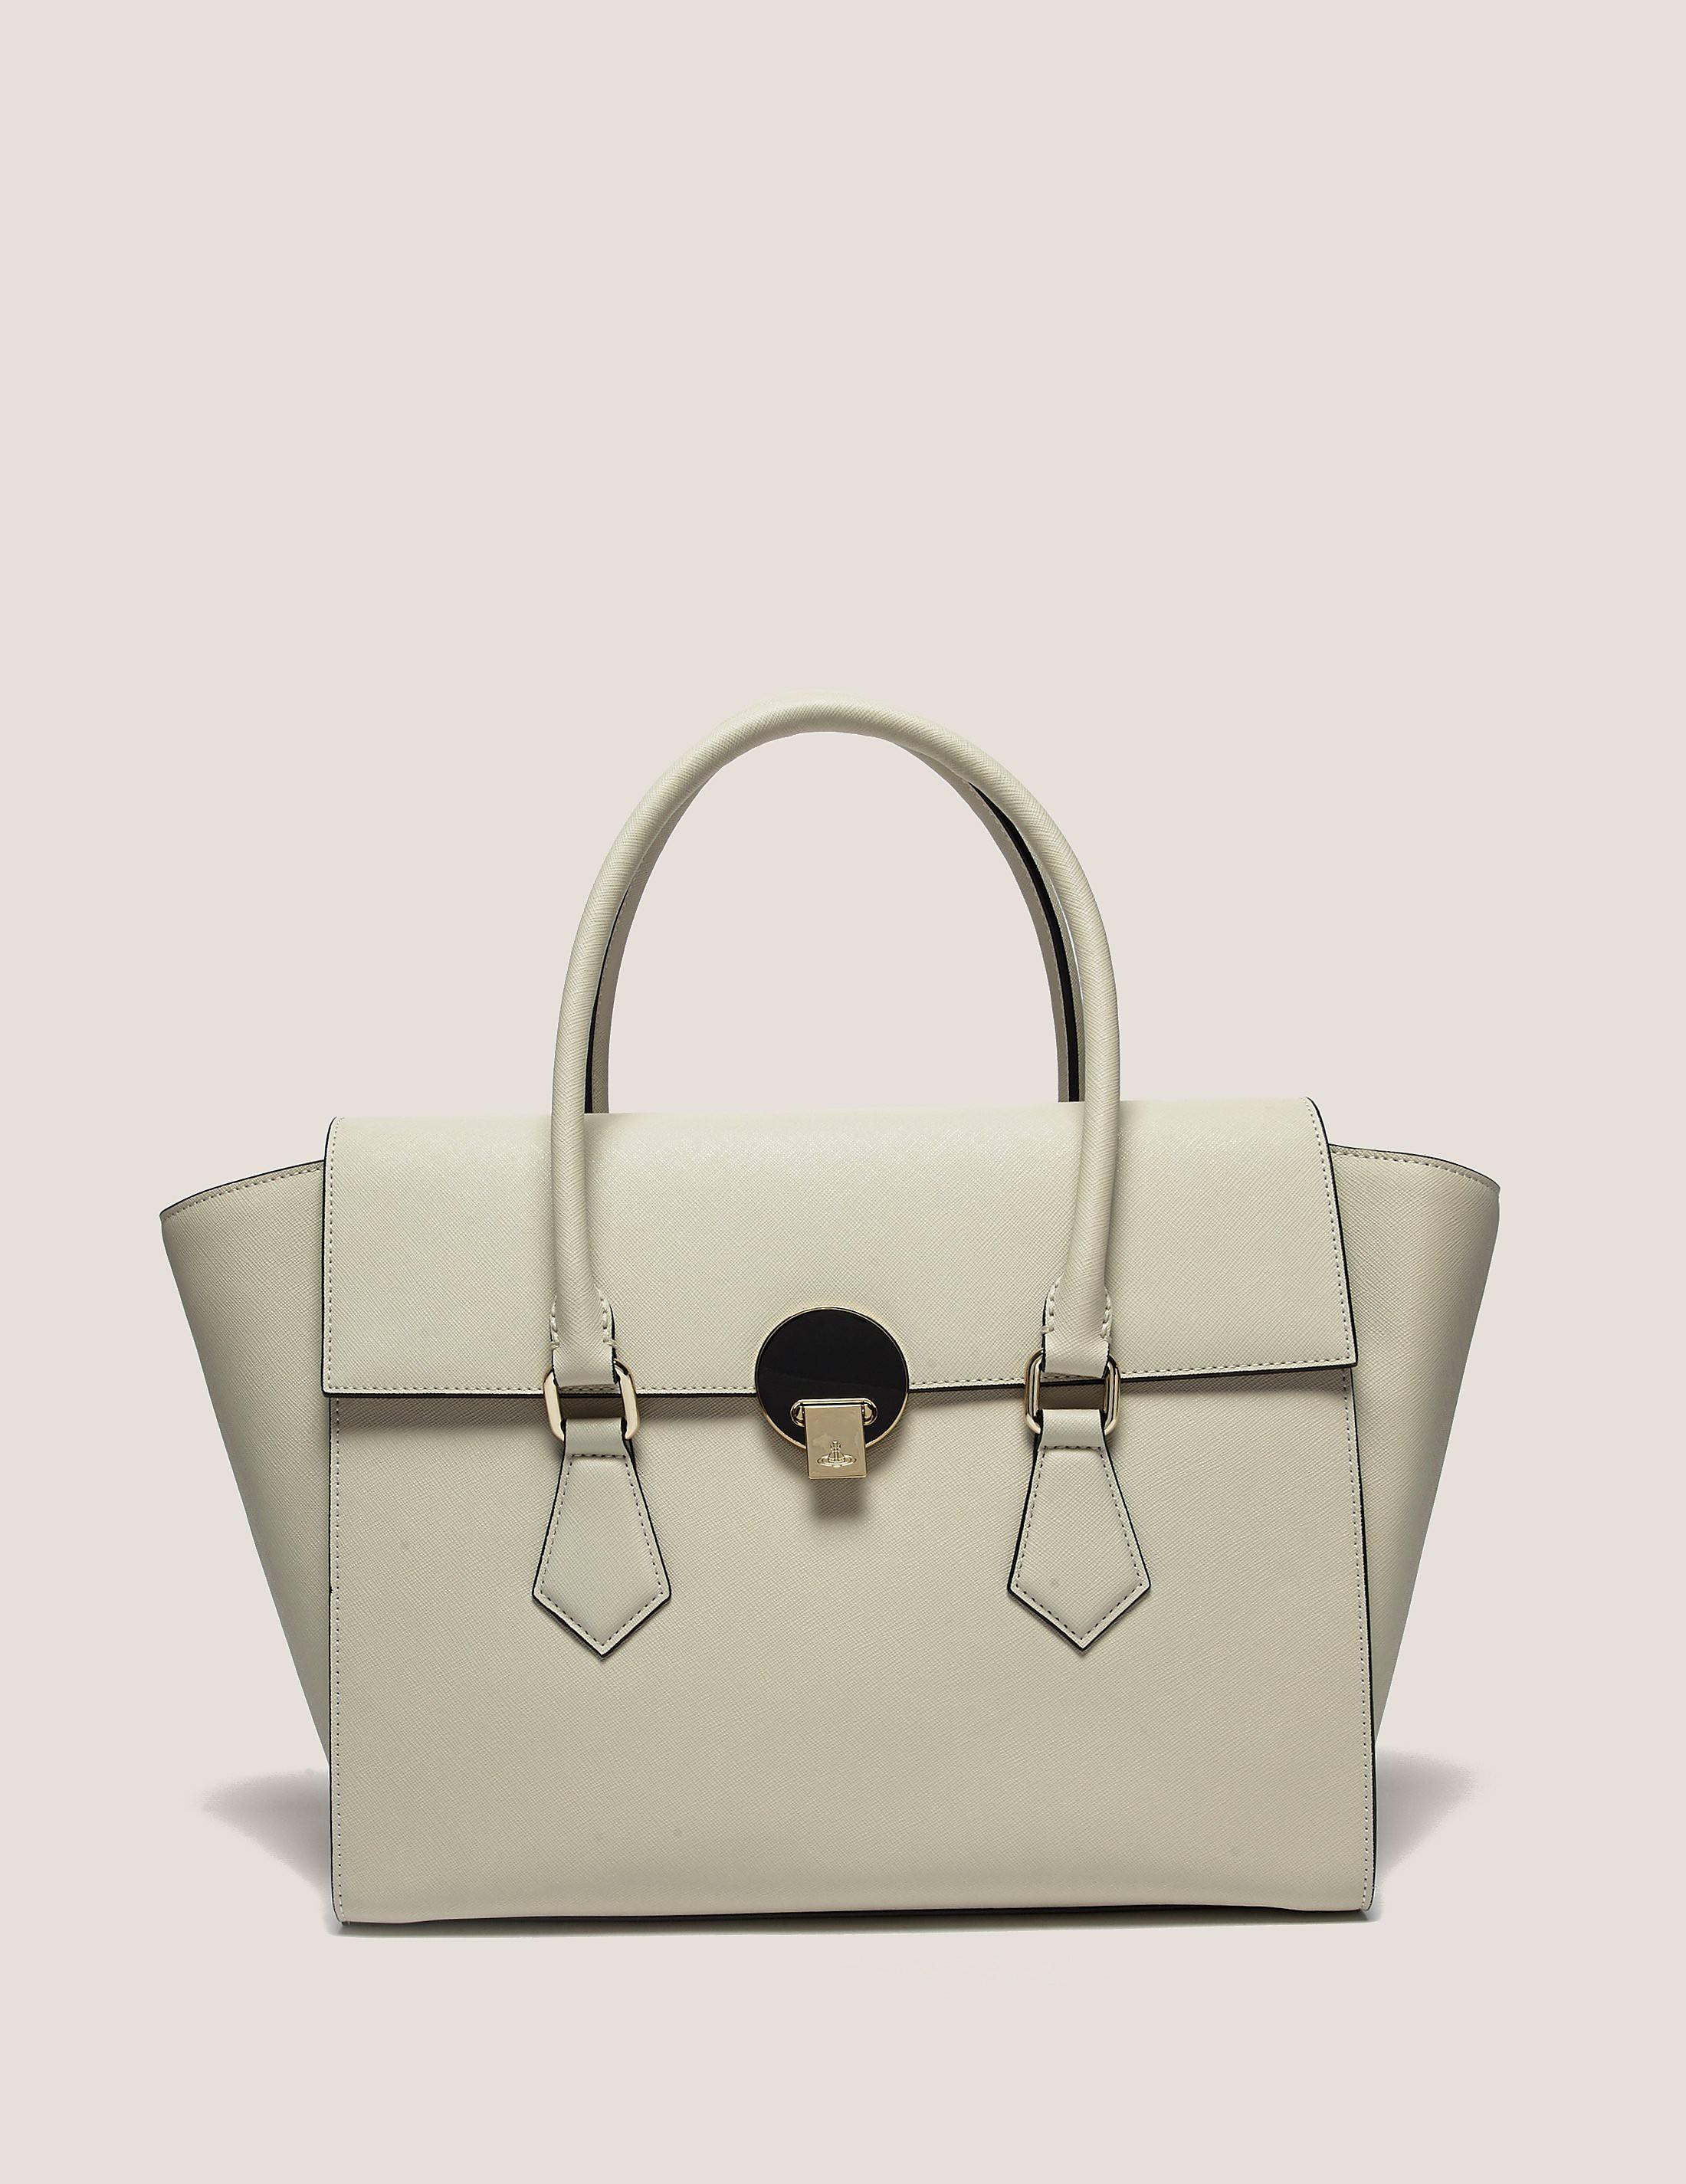 Vivienne Westwood Opio Saffiano Large Bag